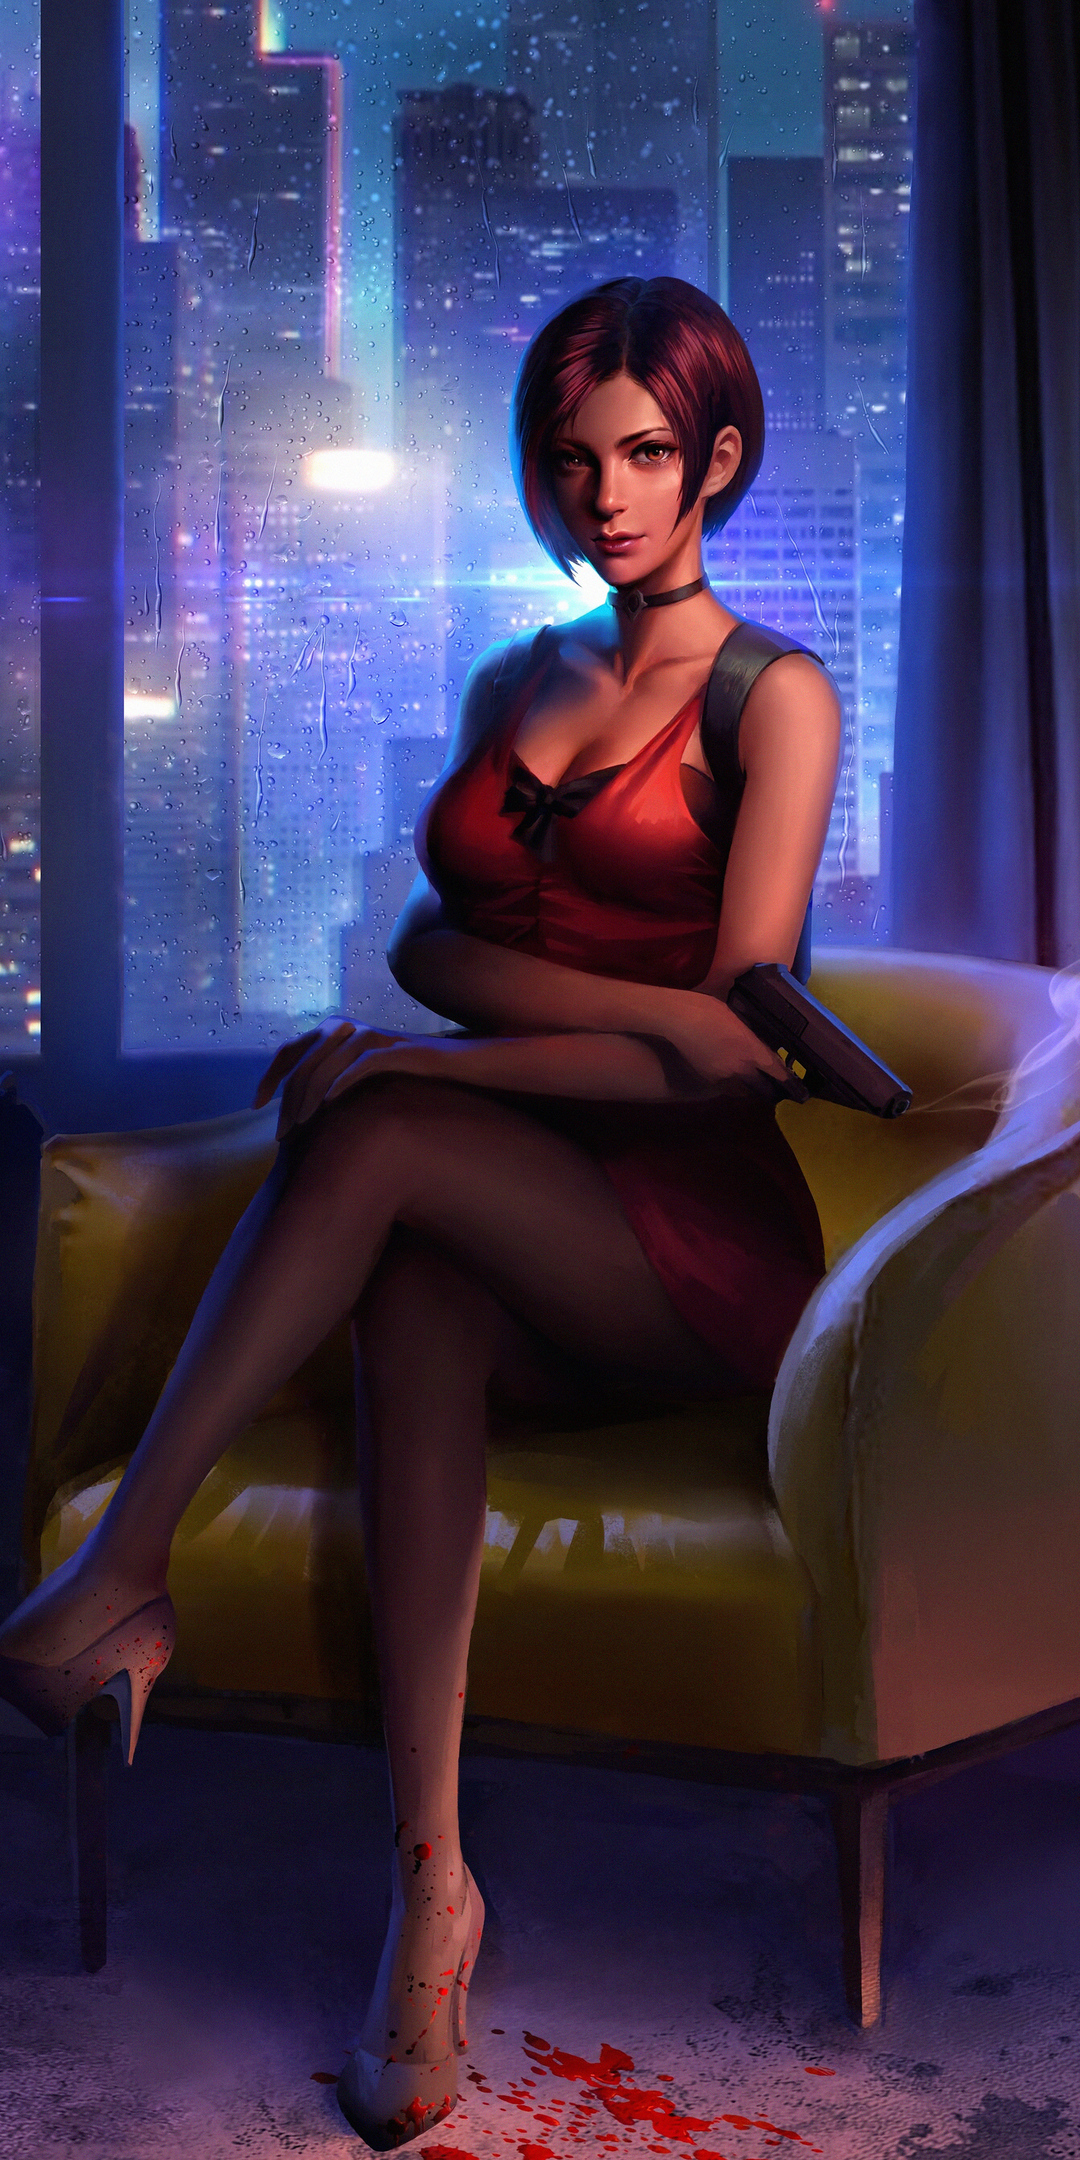 ada-wong-resident-evil-2-fictional-character-4k-45.jpg